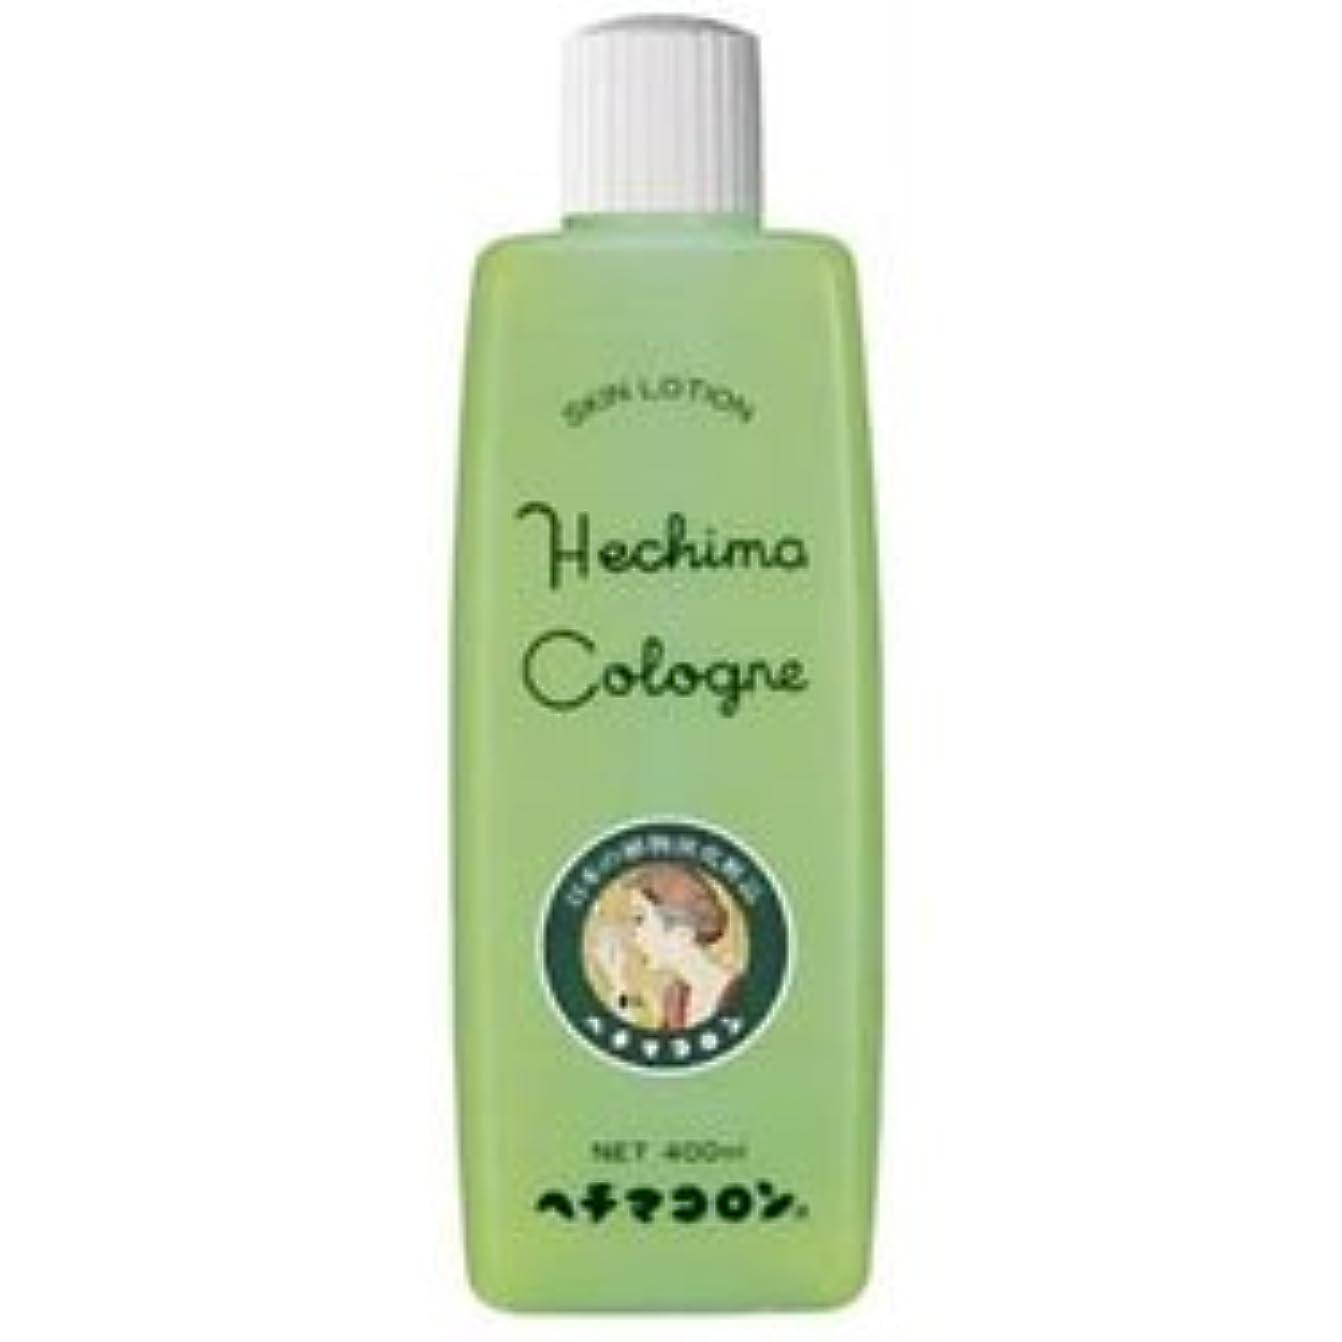 ある豊かな参照【ヘチマコロン】ヘチマコロンの化粧水 400ml ×10個セット